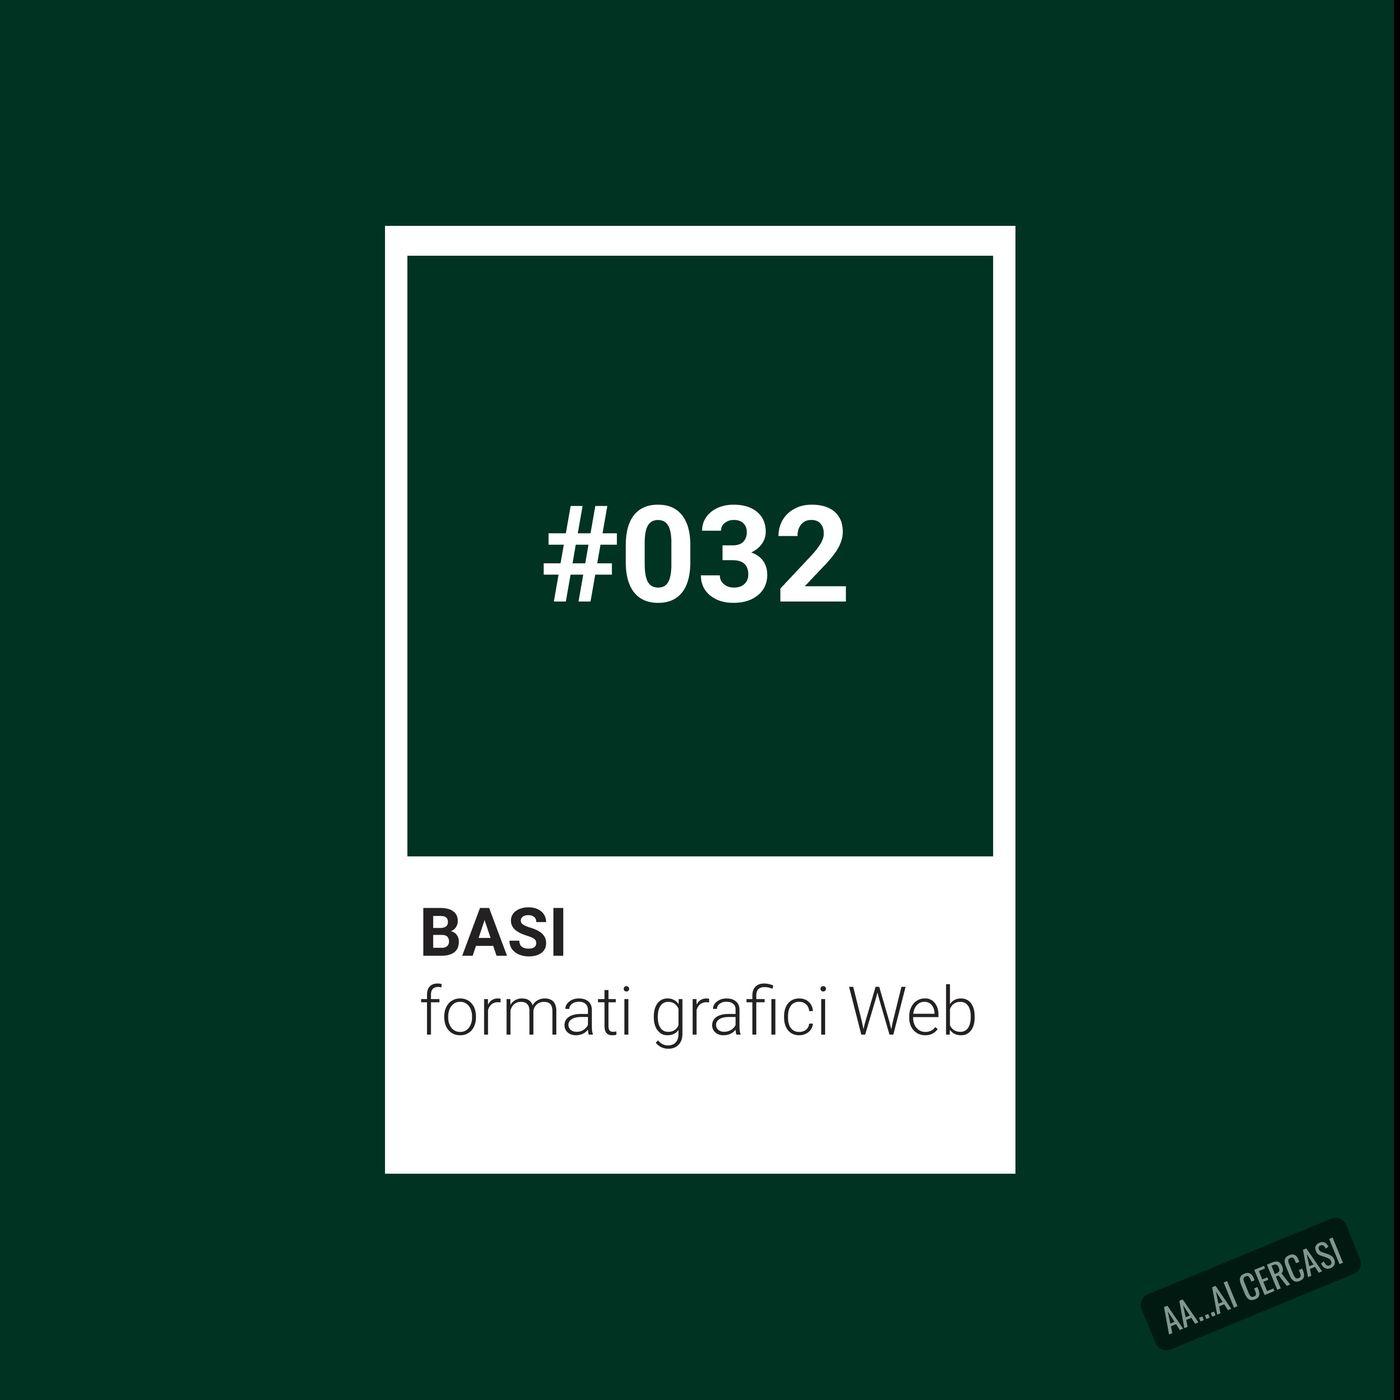 032 BASI: formati grafici per il Web (svg, gif, png e jpg)